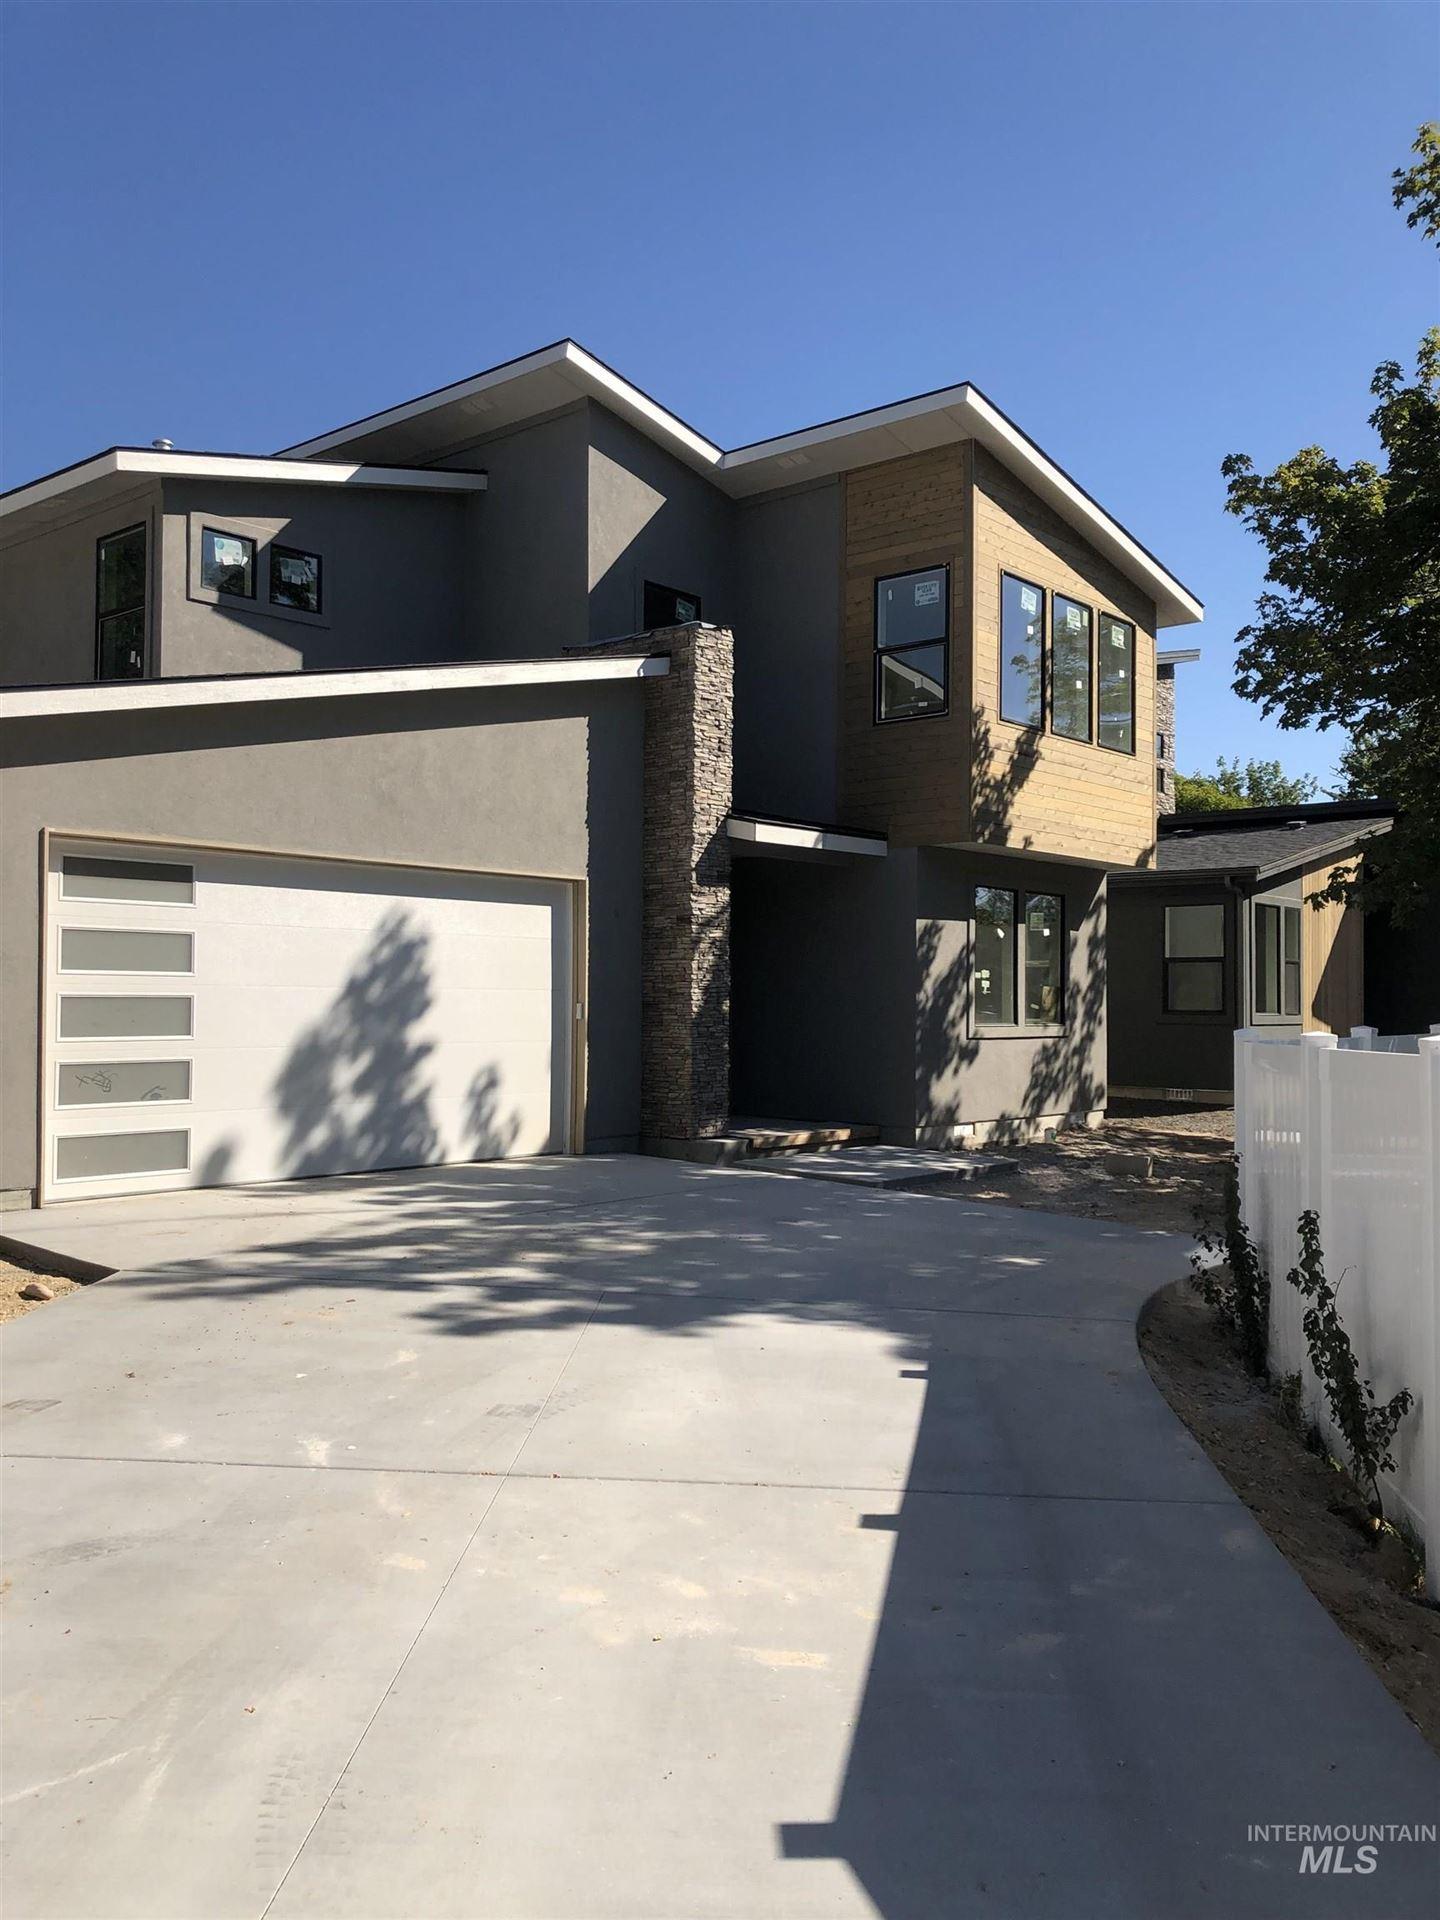 10974 W Edna Street, Boise, ID 83713 - MLS#: 98818949